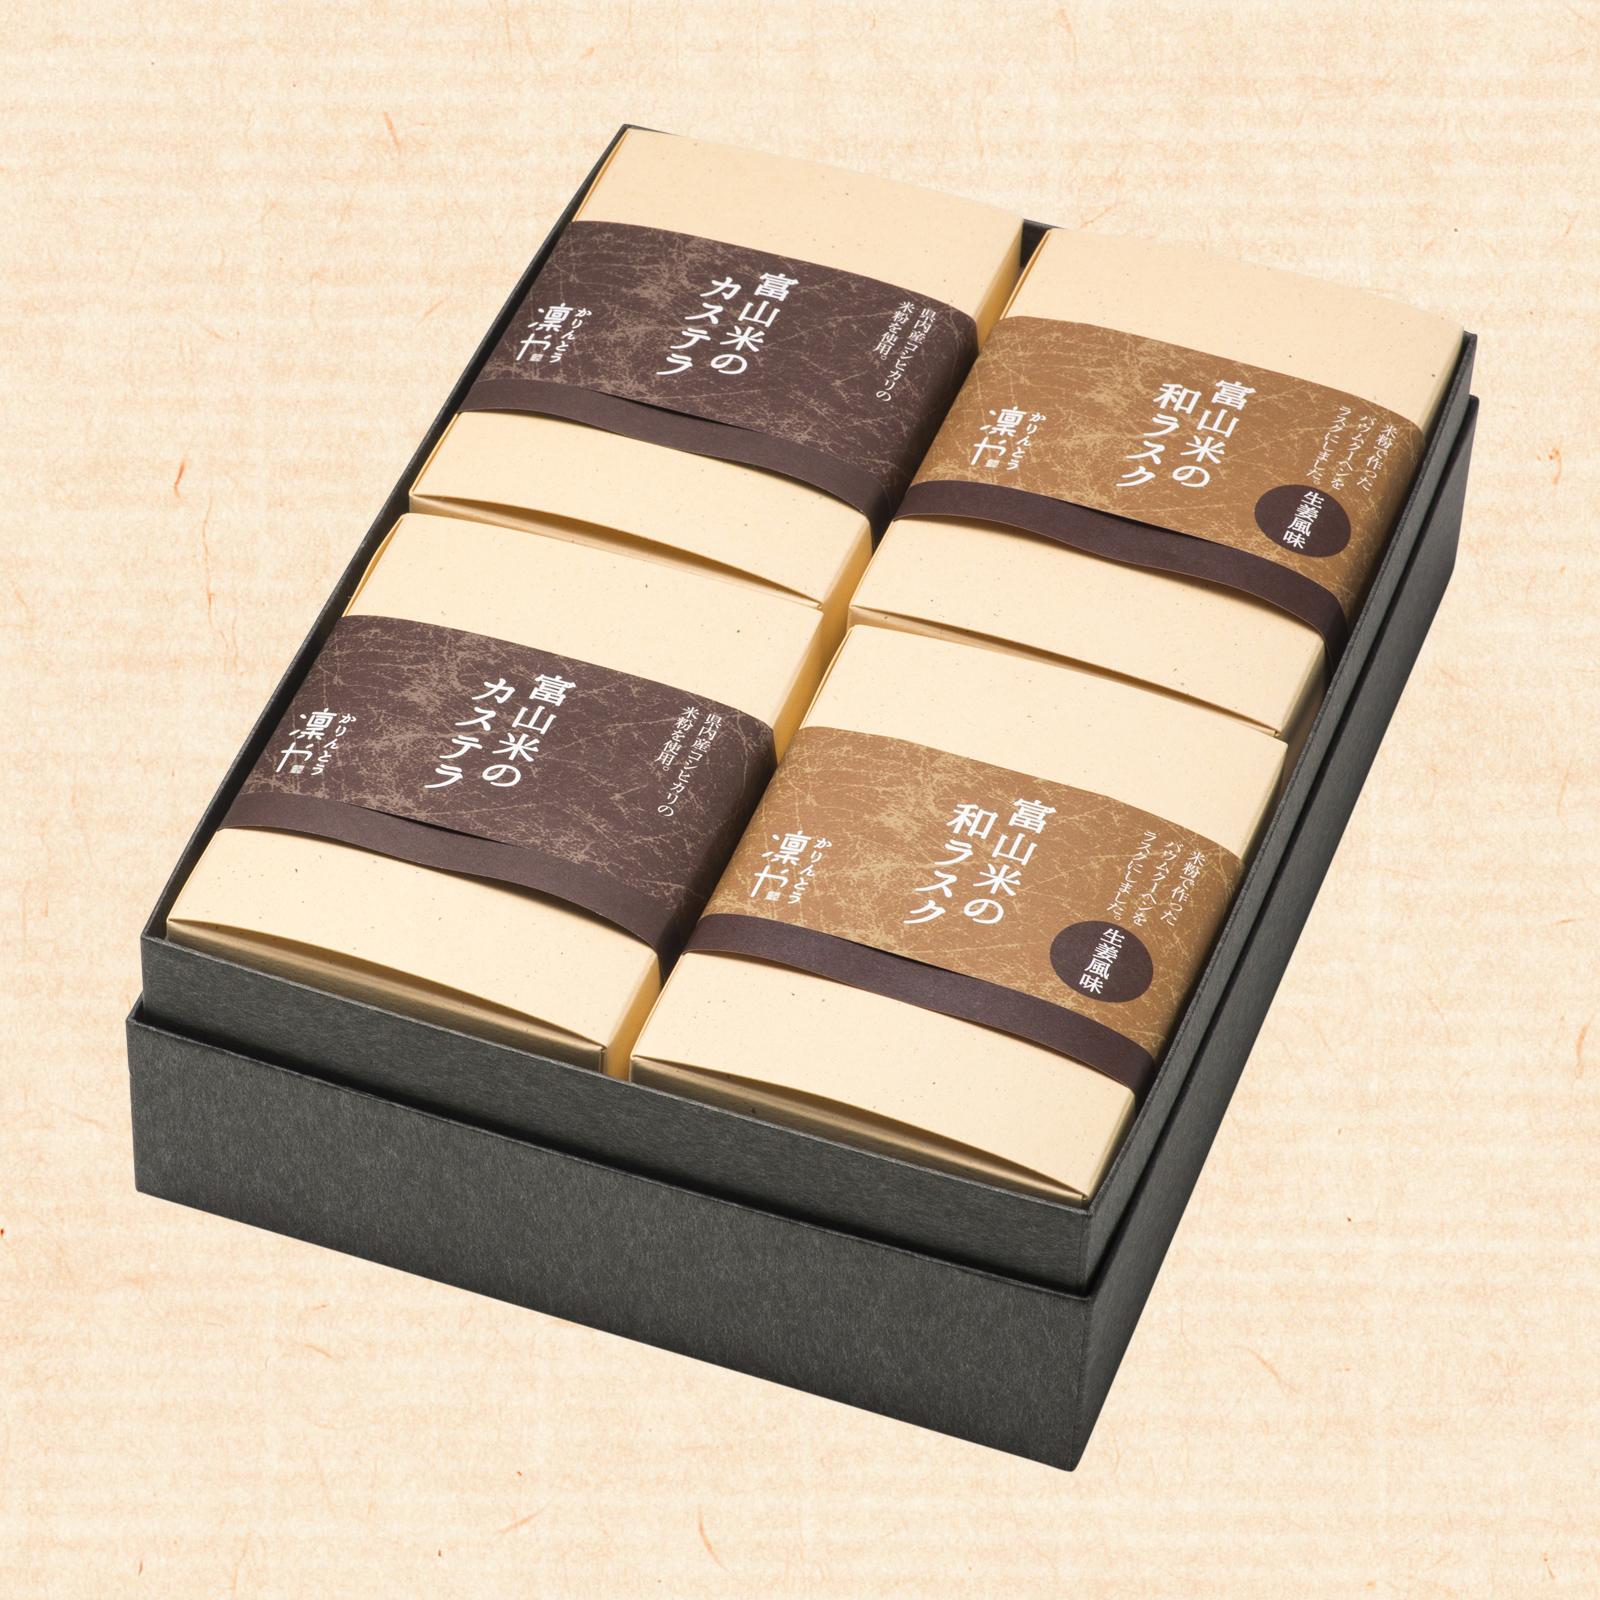 gift-castella-half&rusk-toyamamai-04